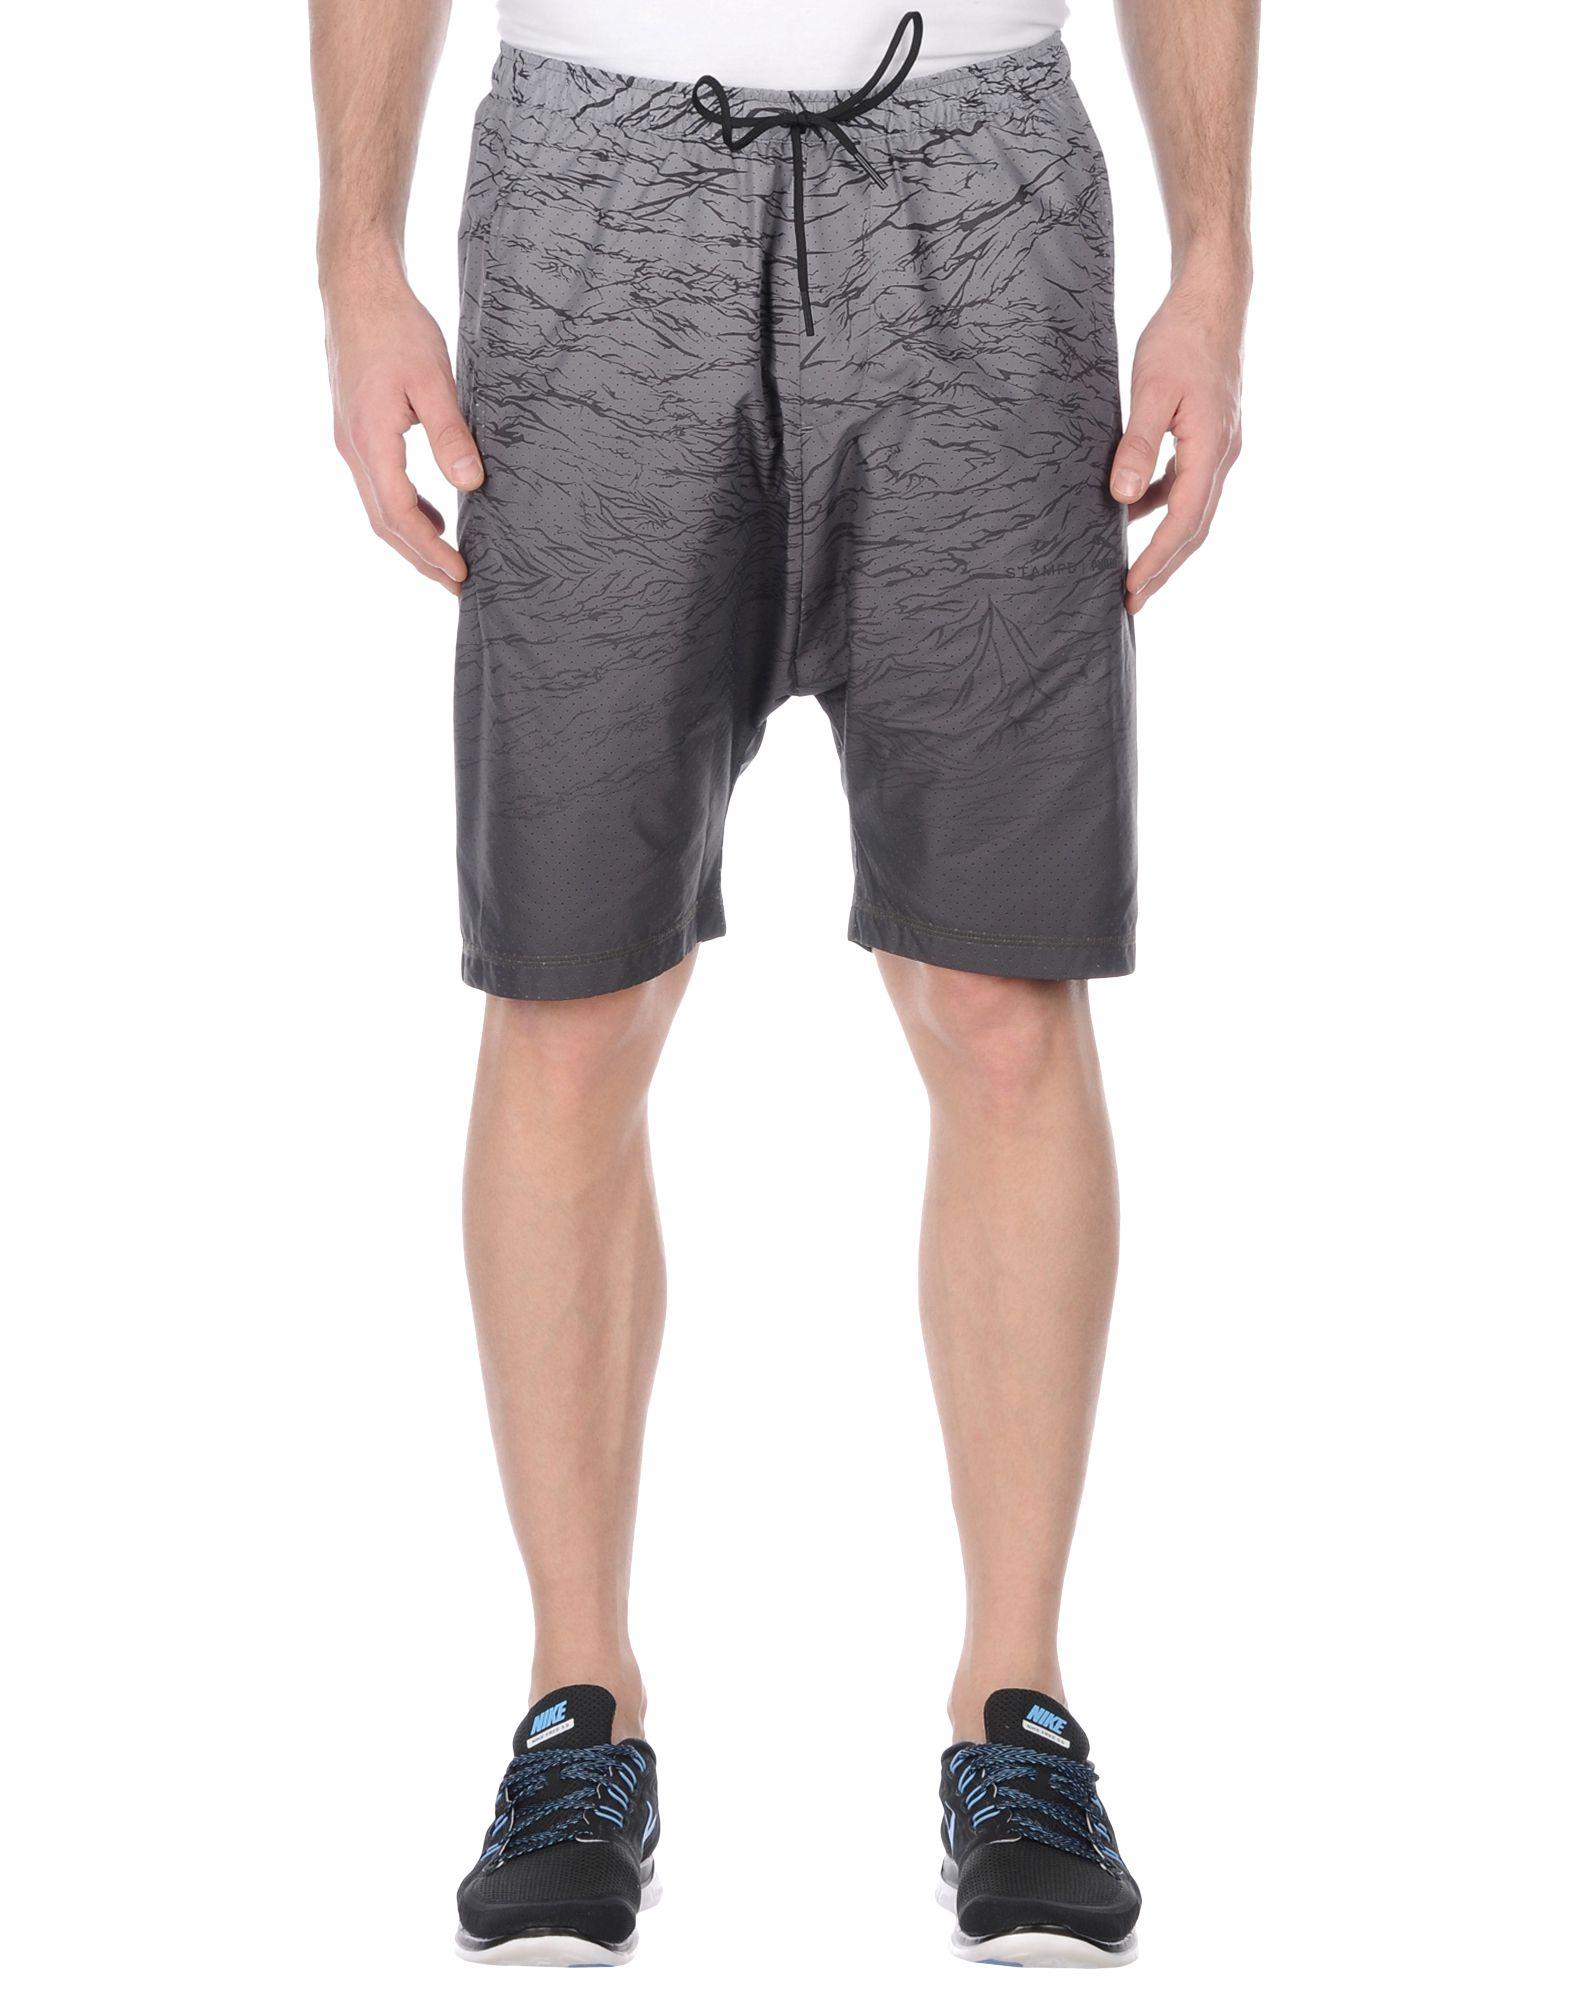 《2万円以上オーダーで送料無料》STAMPD x PUMA メンズ バミューダパンツ グレー L ポリエステル 100% 570915-Stampd Running Techy Shorts